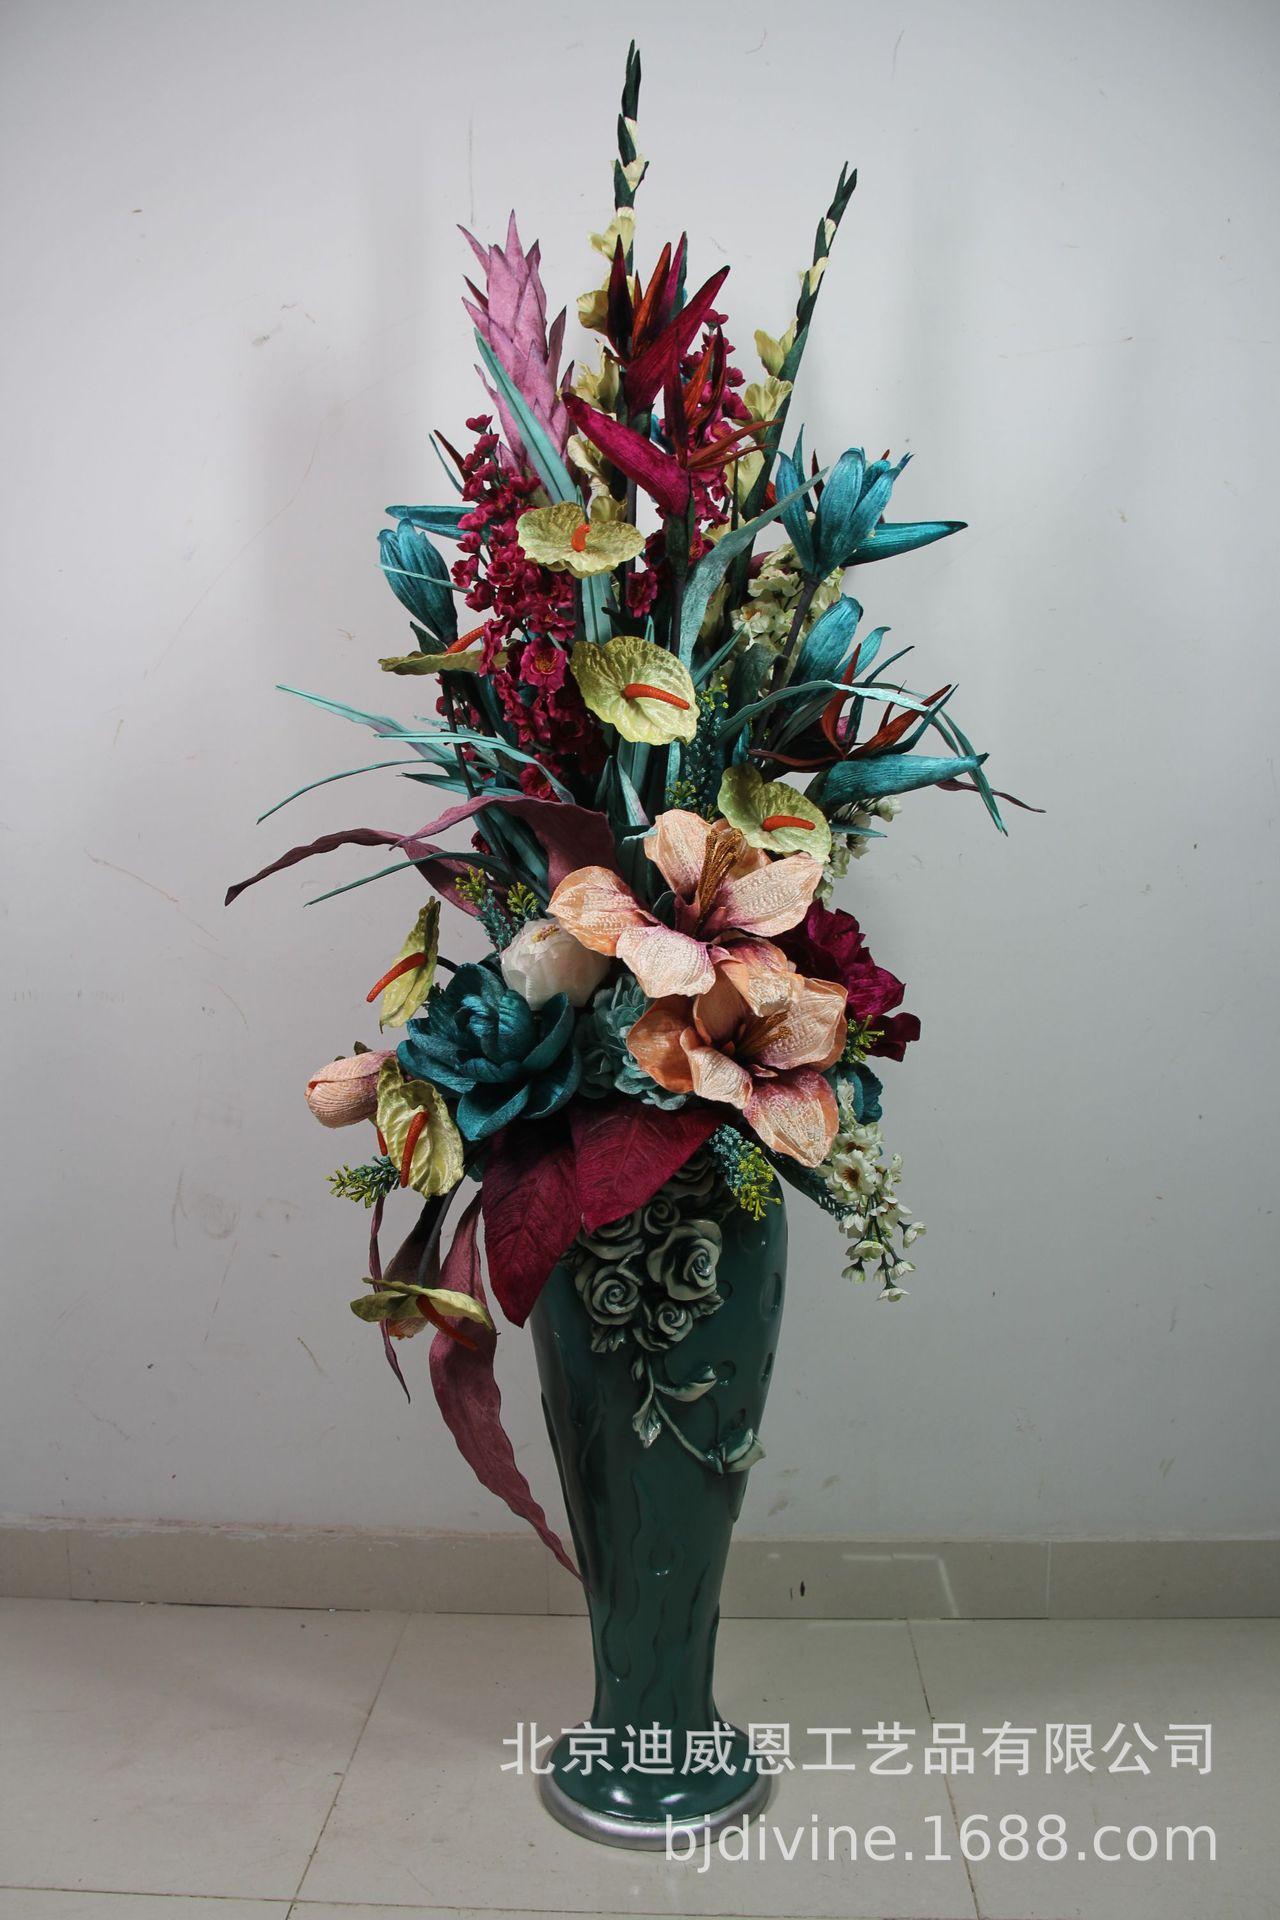 迪威恩仿真花客廳落地花藝套裝歐美風格樣板間家居裝飾擺件定制